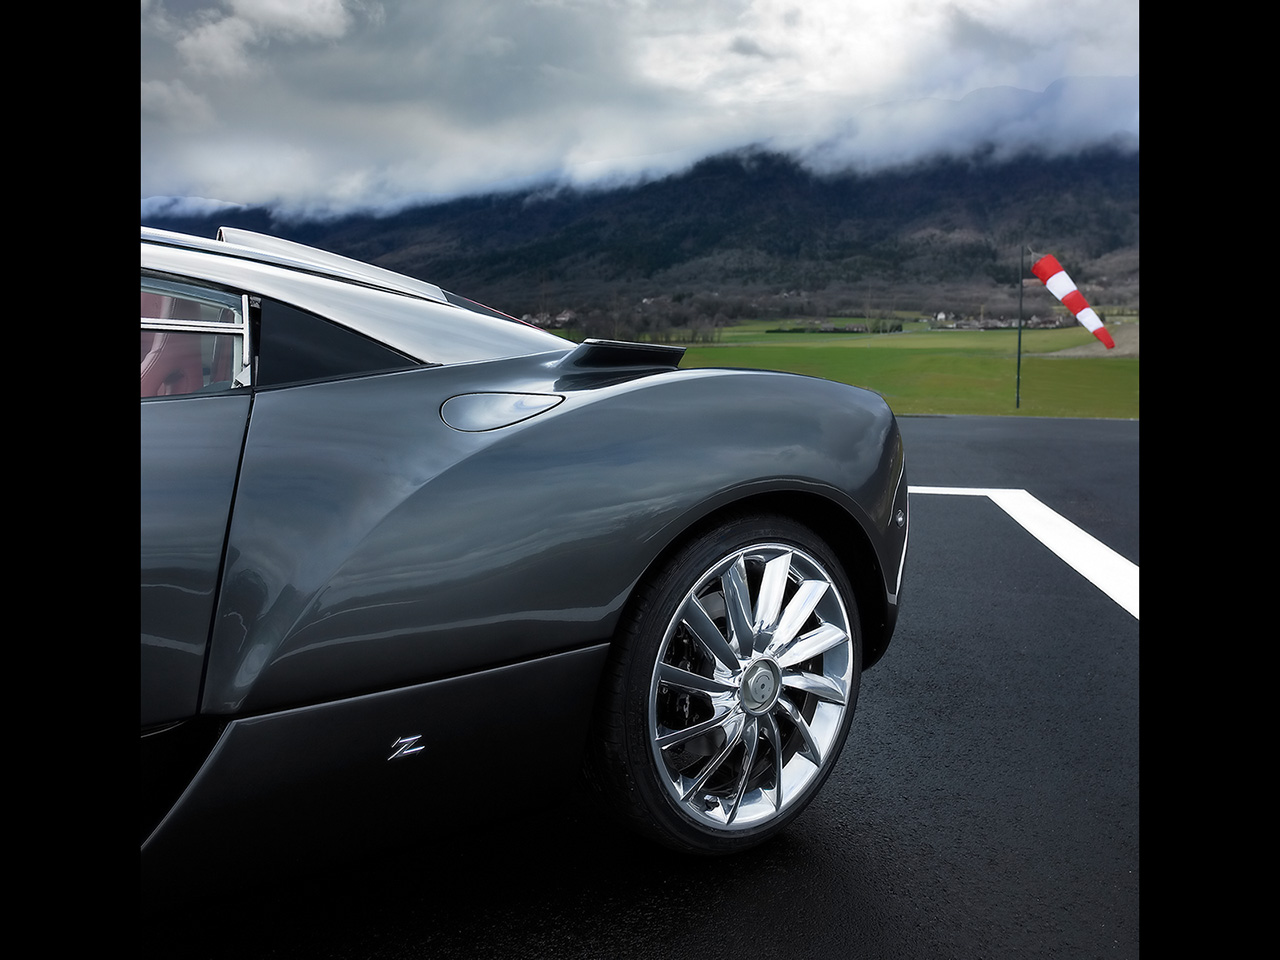 2008 Spyker C12 Zagato